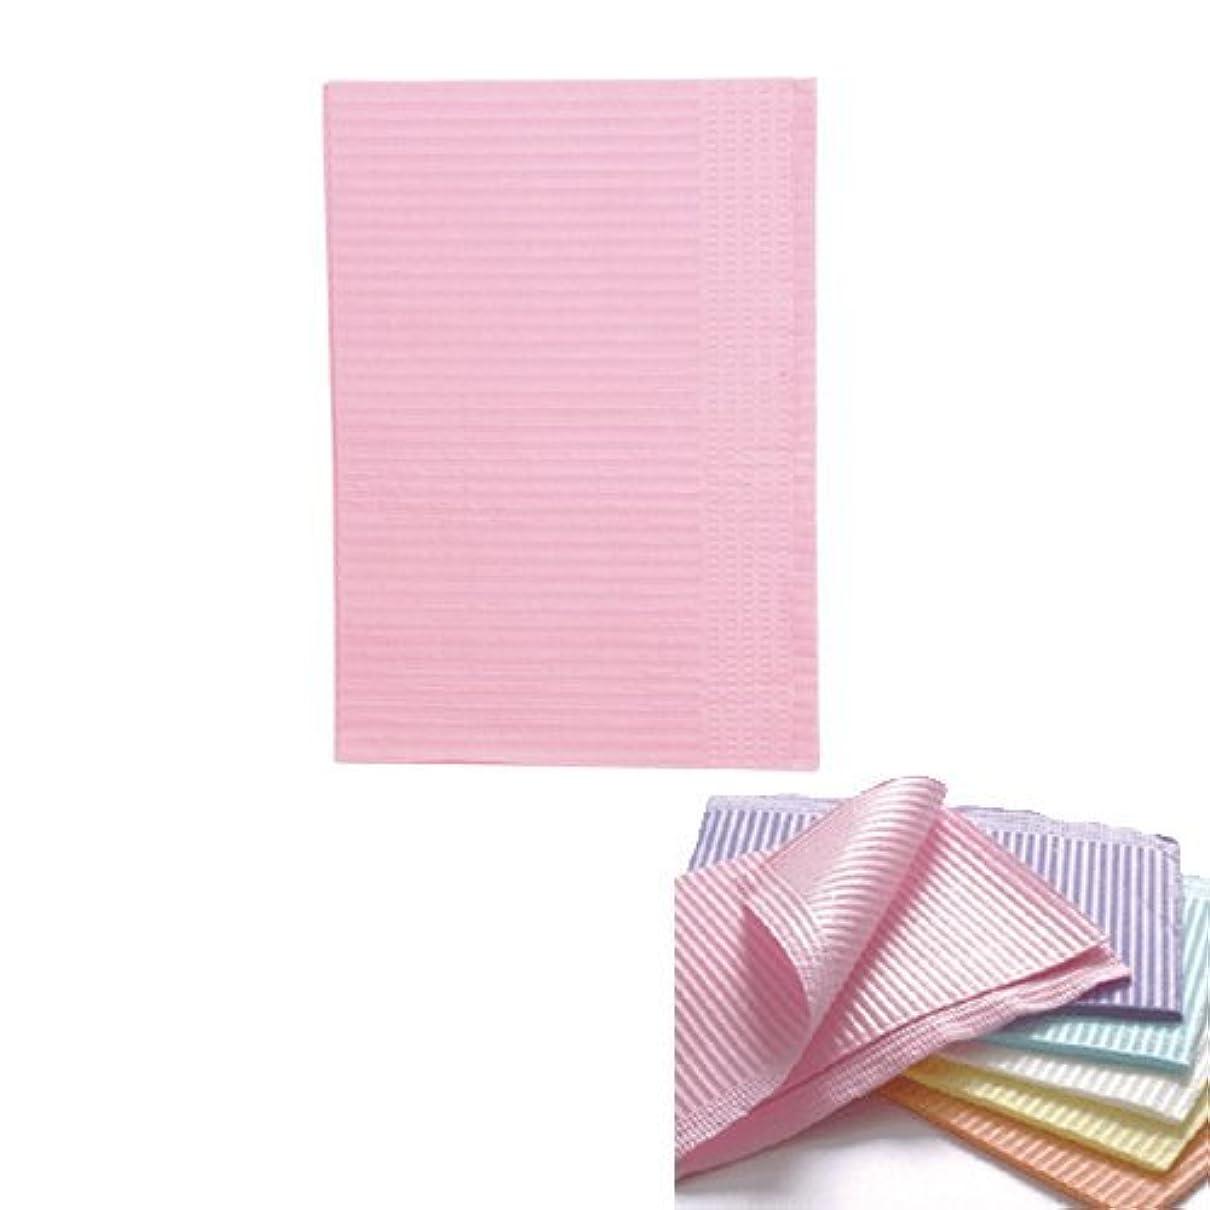 アフリカ延ばす秋ネイル 防水ペーパー/裏面防水ネイルシート 50枚 ピンク